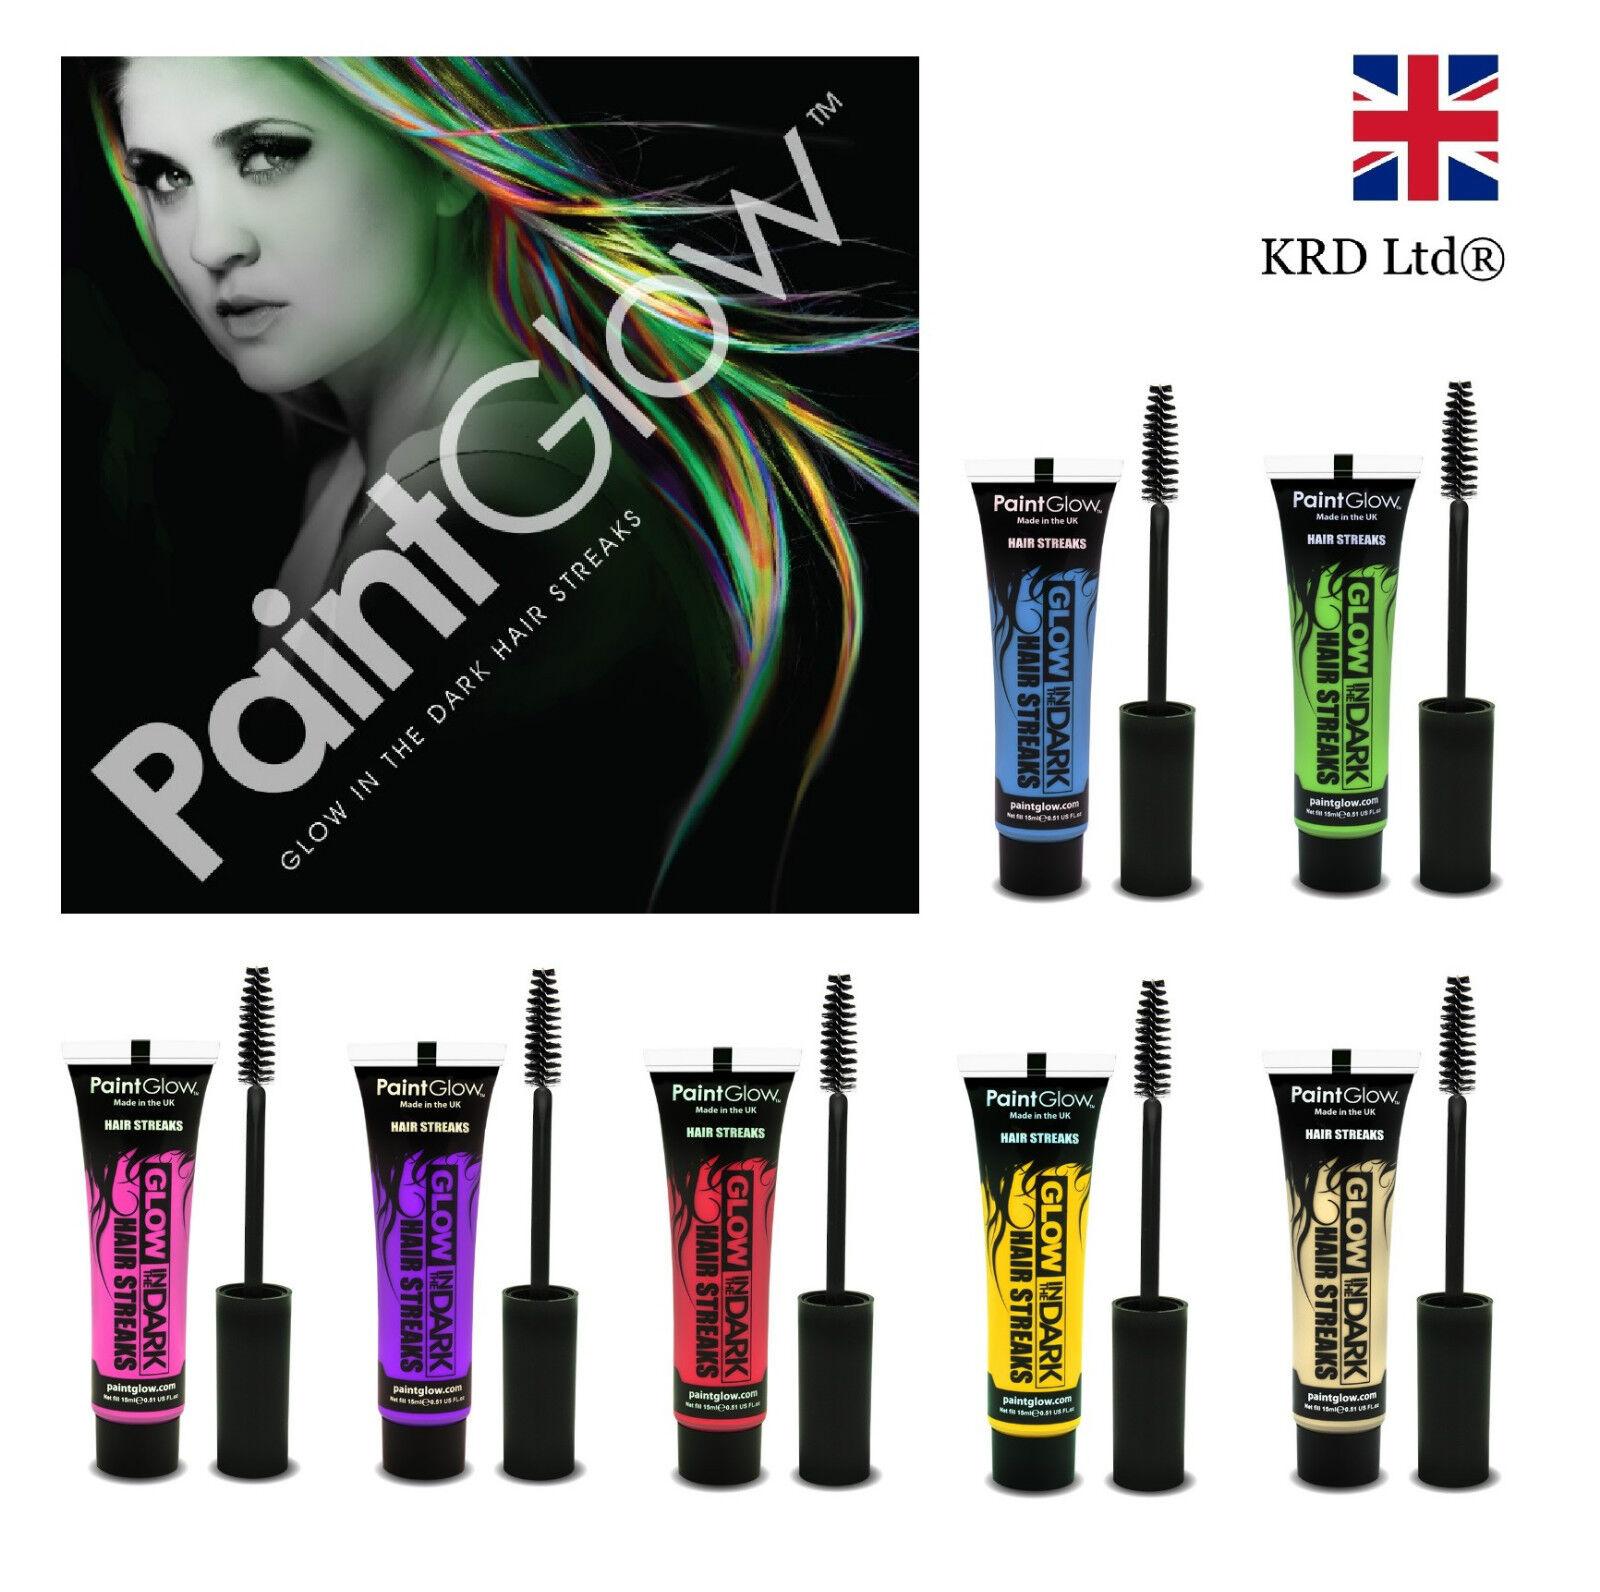 glow in the dark hair streaks temporary dye gel paint rave uk ebay. Black Bedroom Furniture Sets. Home Design Ideas